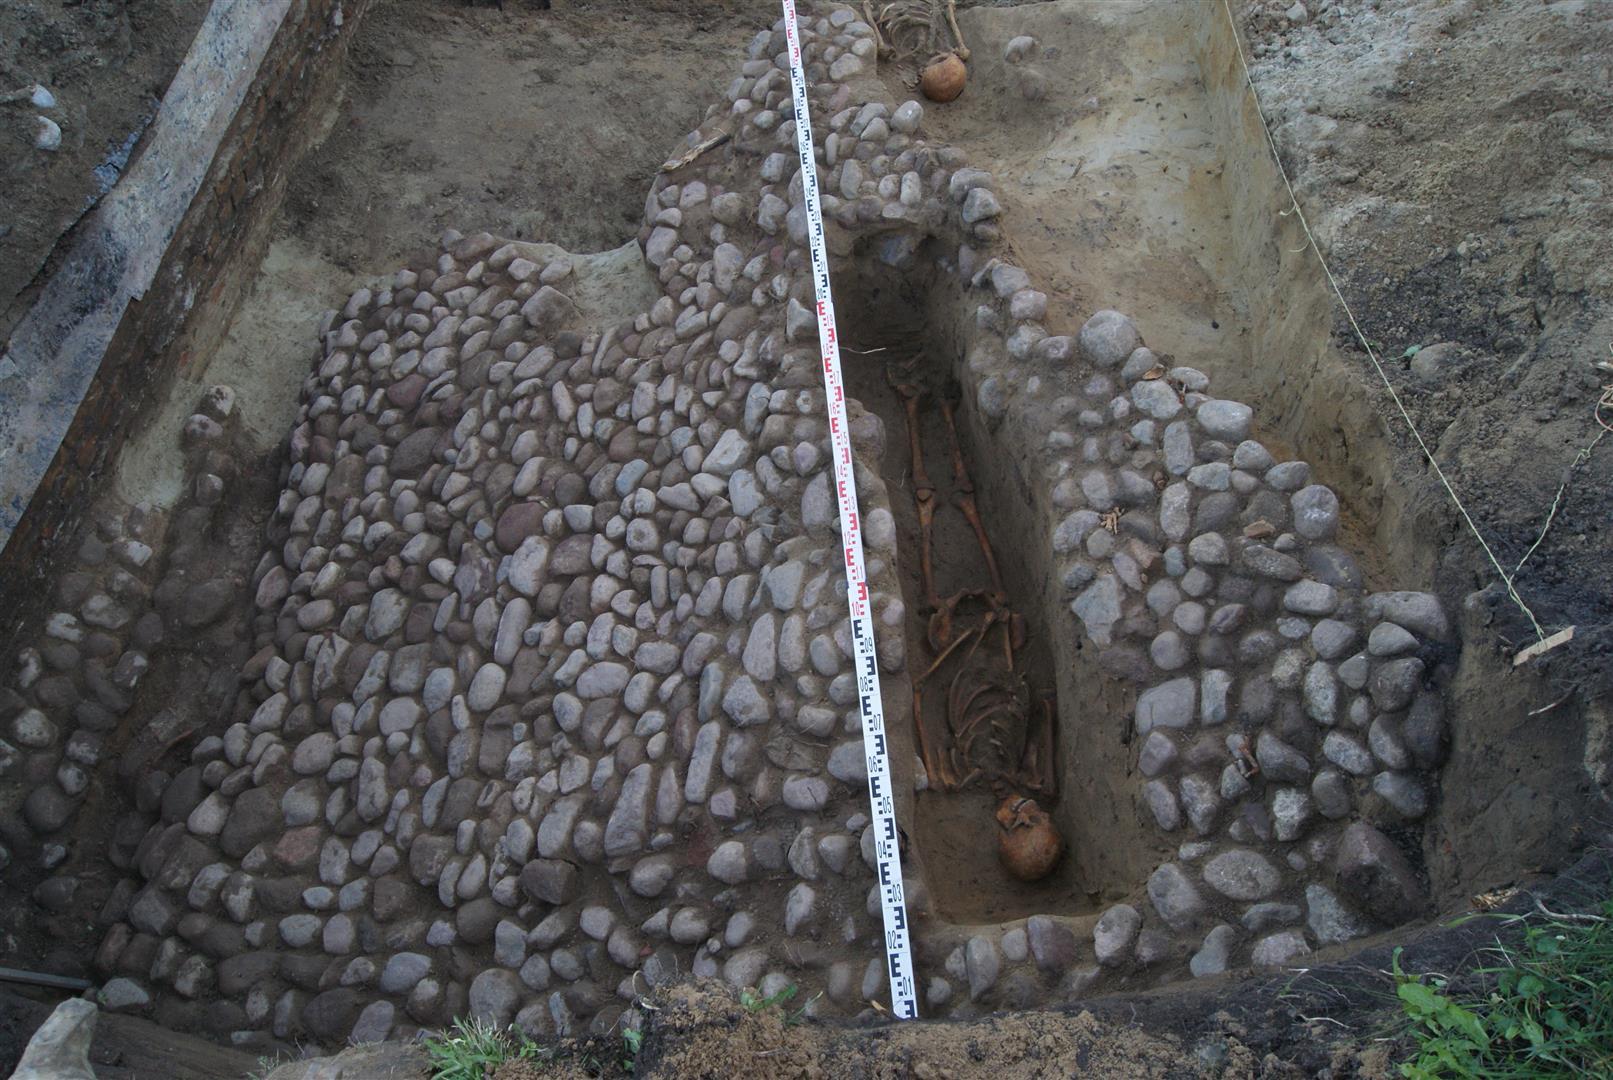 XVI a. grindinys ir XVII a. žmogaus kapas | VšĮ Archeologijos centro nuotr.